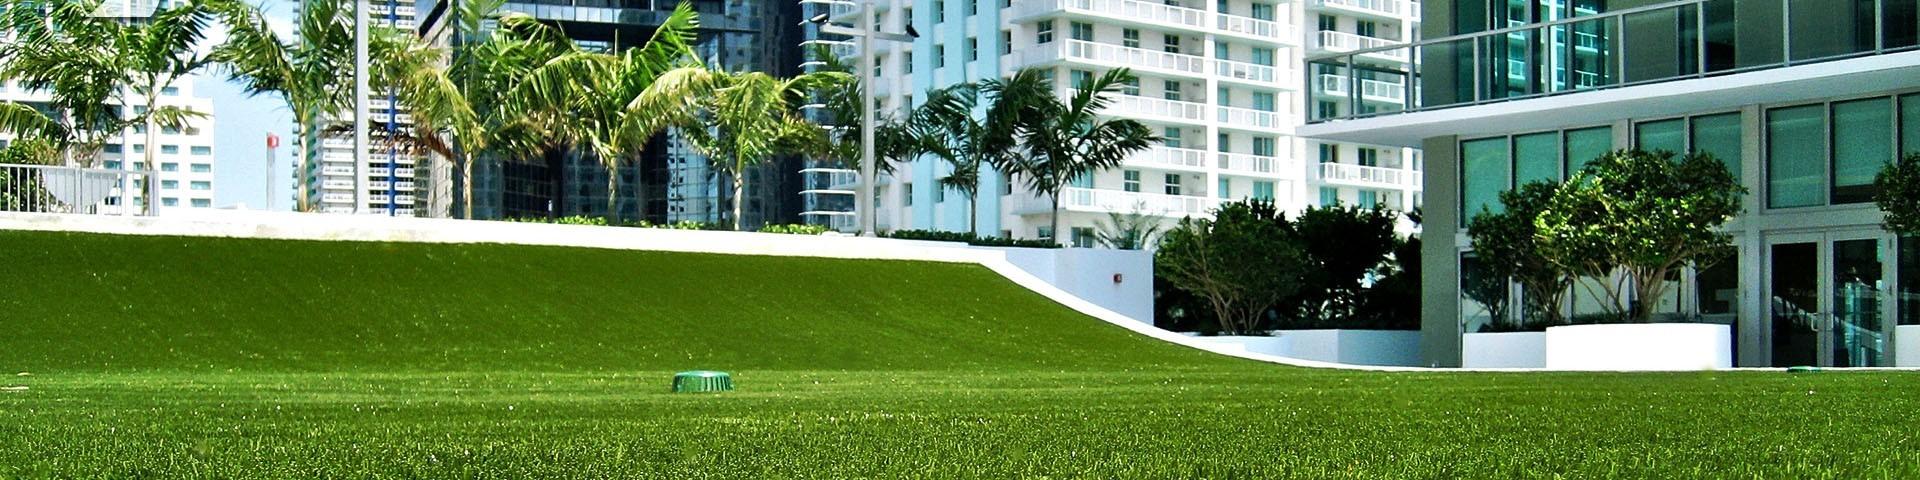 Gazon synthétique haut de gamme : lieux publics, hôtels, restaurants